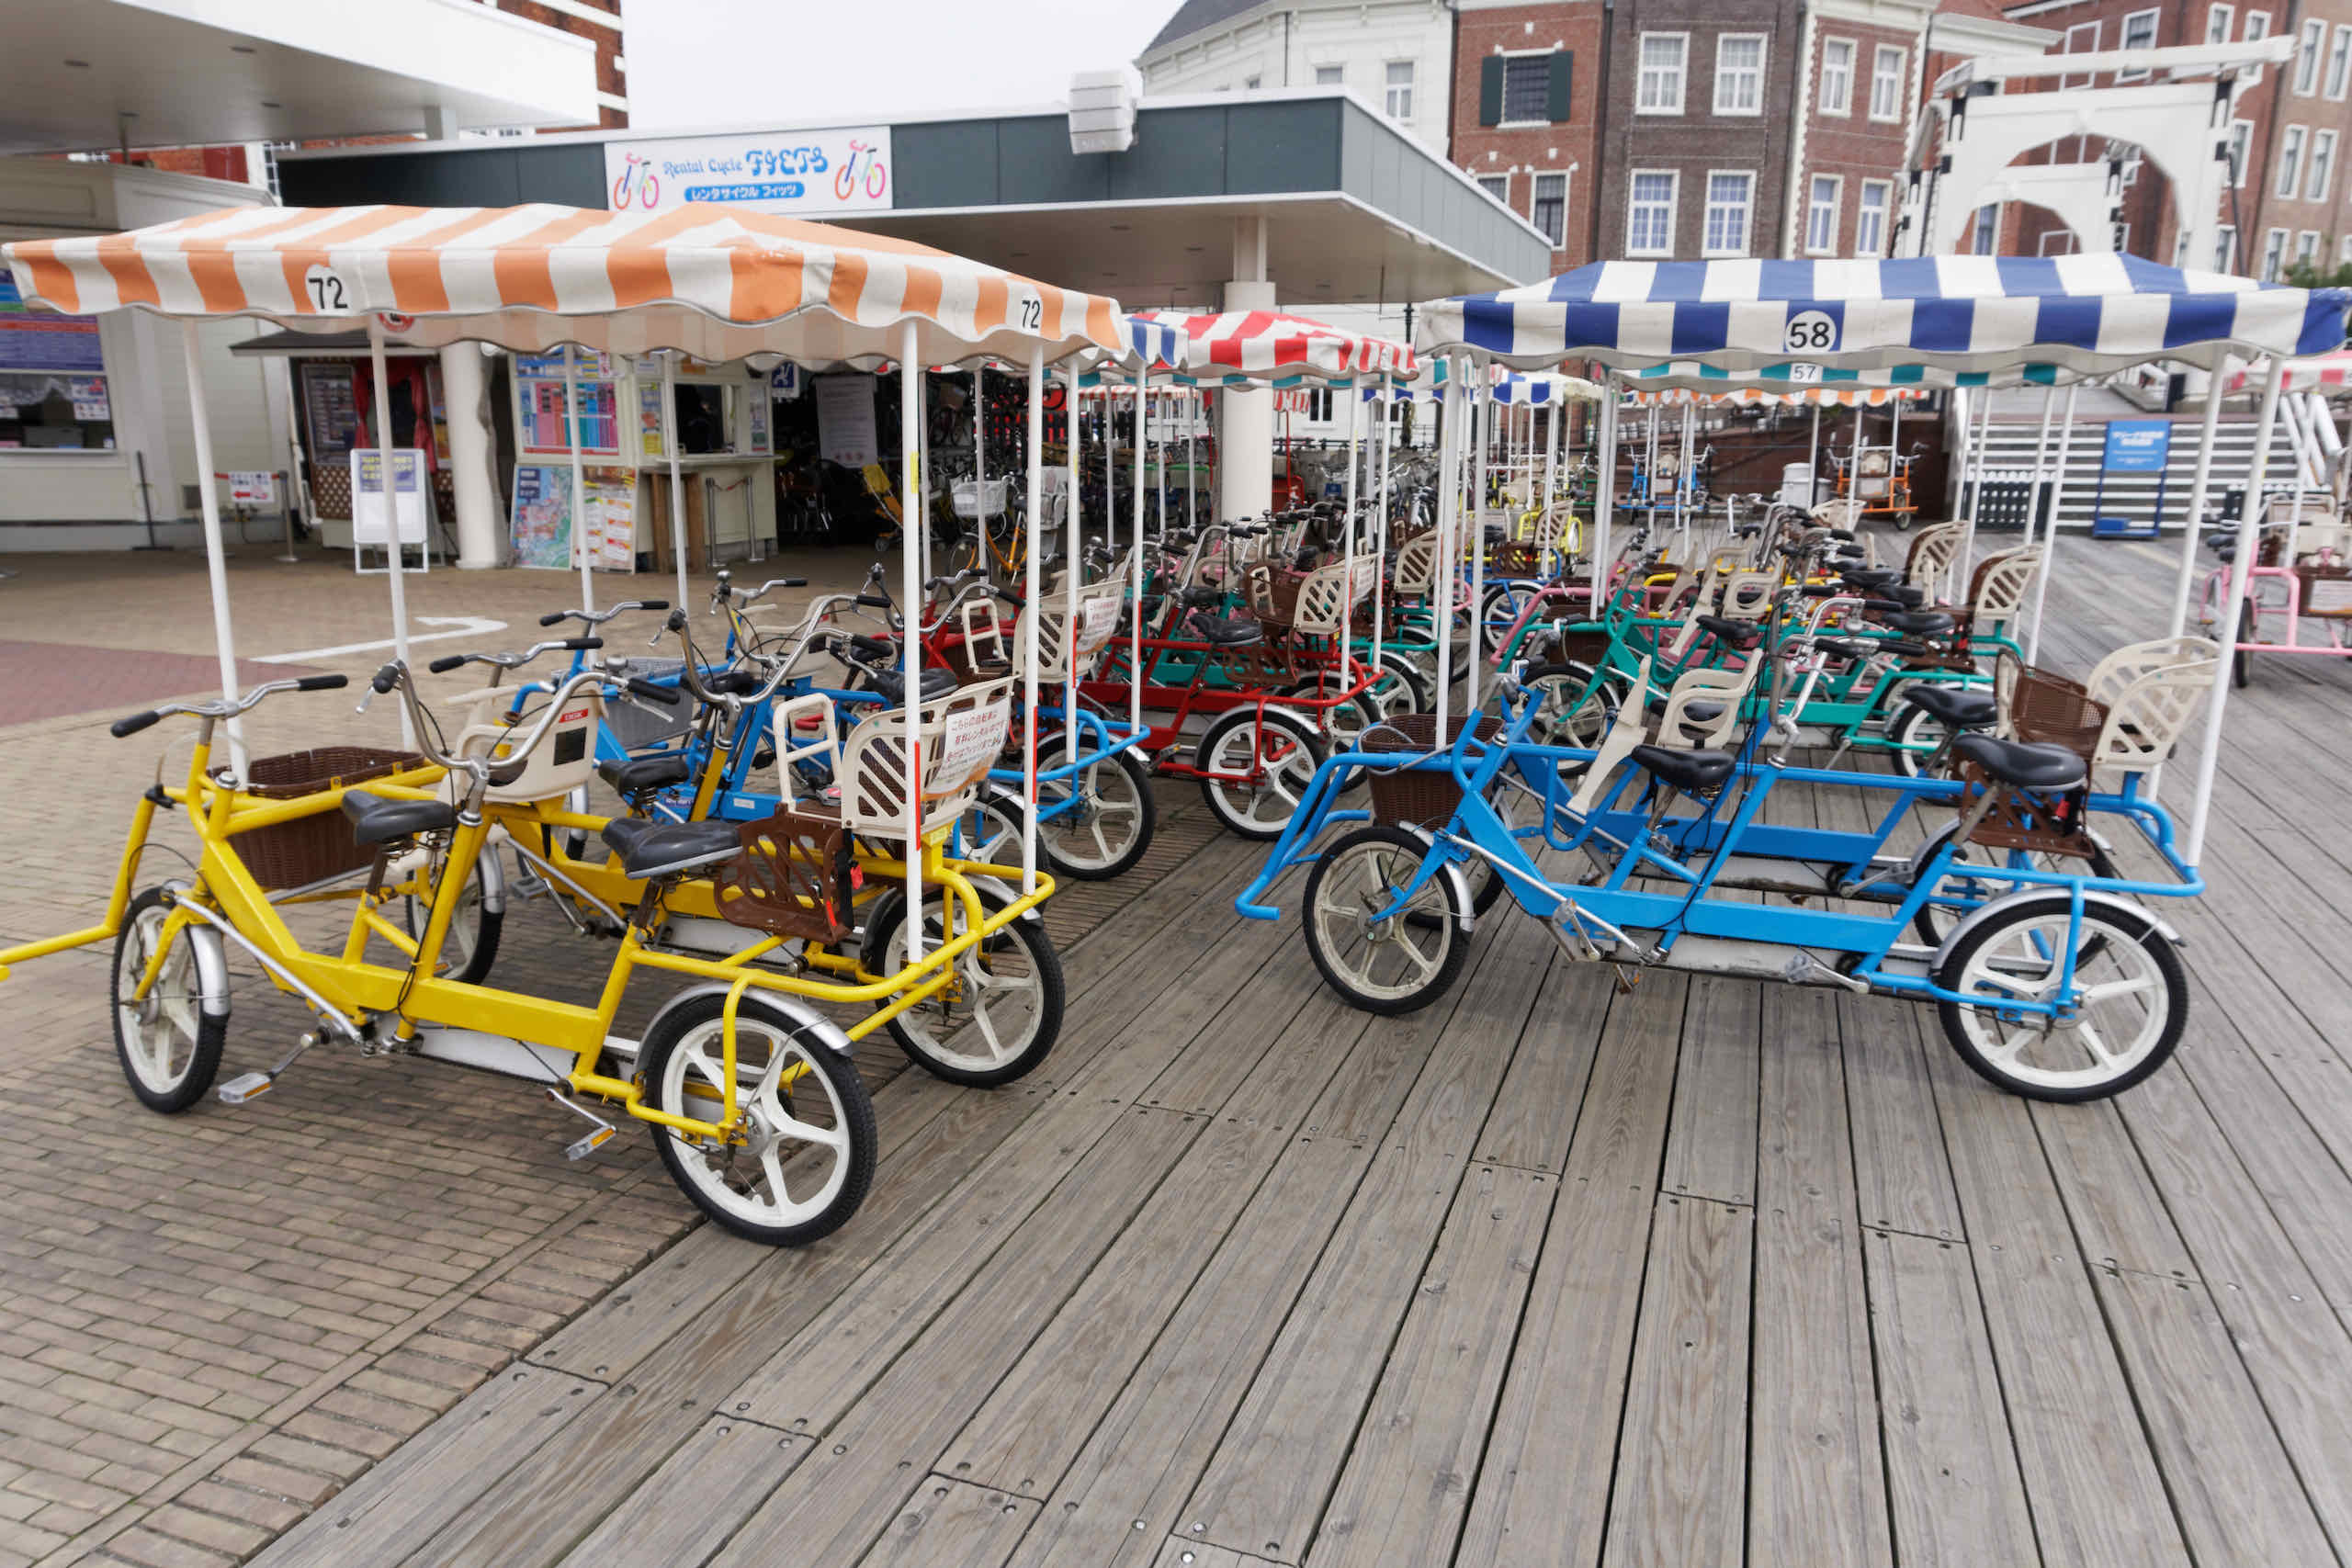 quadcycles